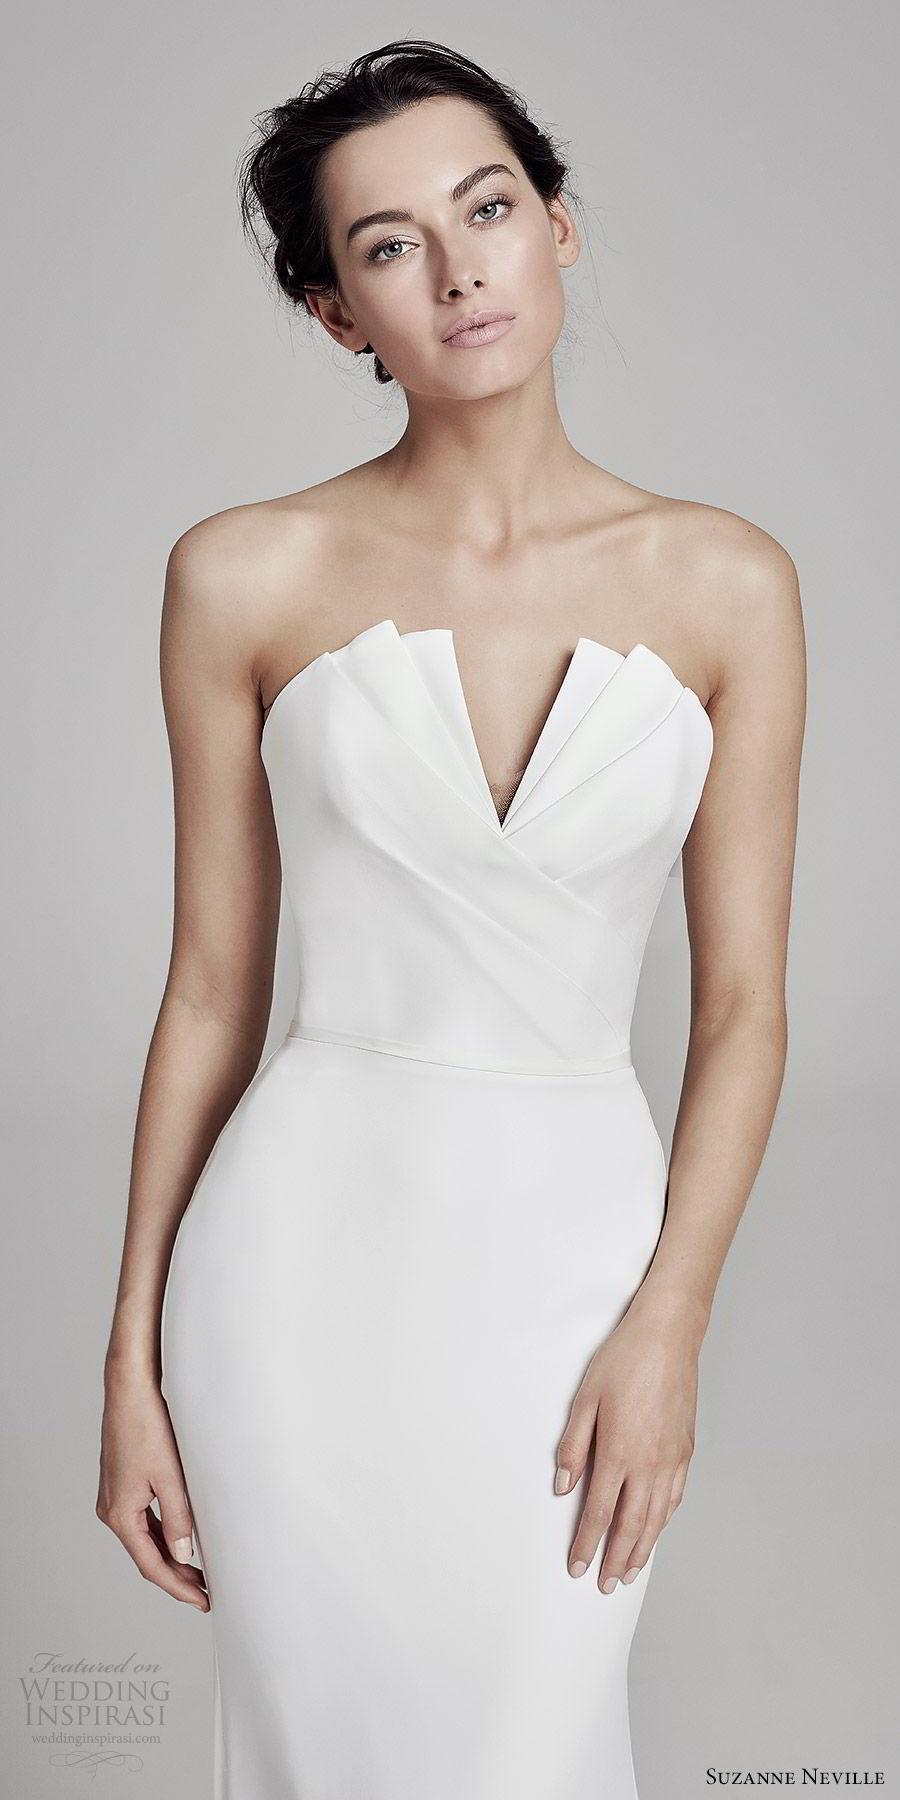 suzanne neville bridal 2019 strapless crumbcatcher split neckline minimal sheath wedding dress (carmella) sweep train chic elegant zv